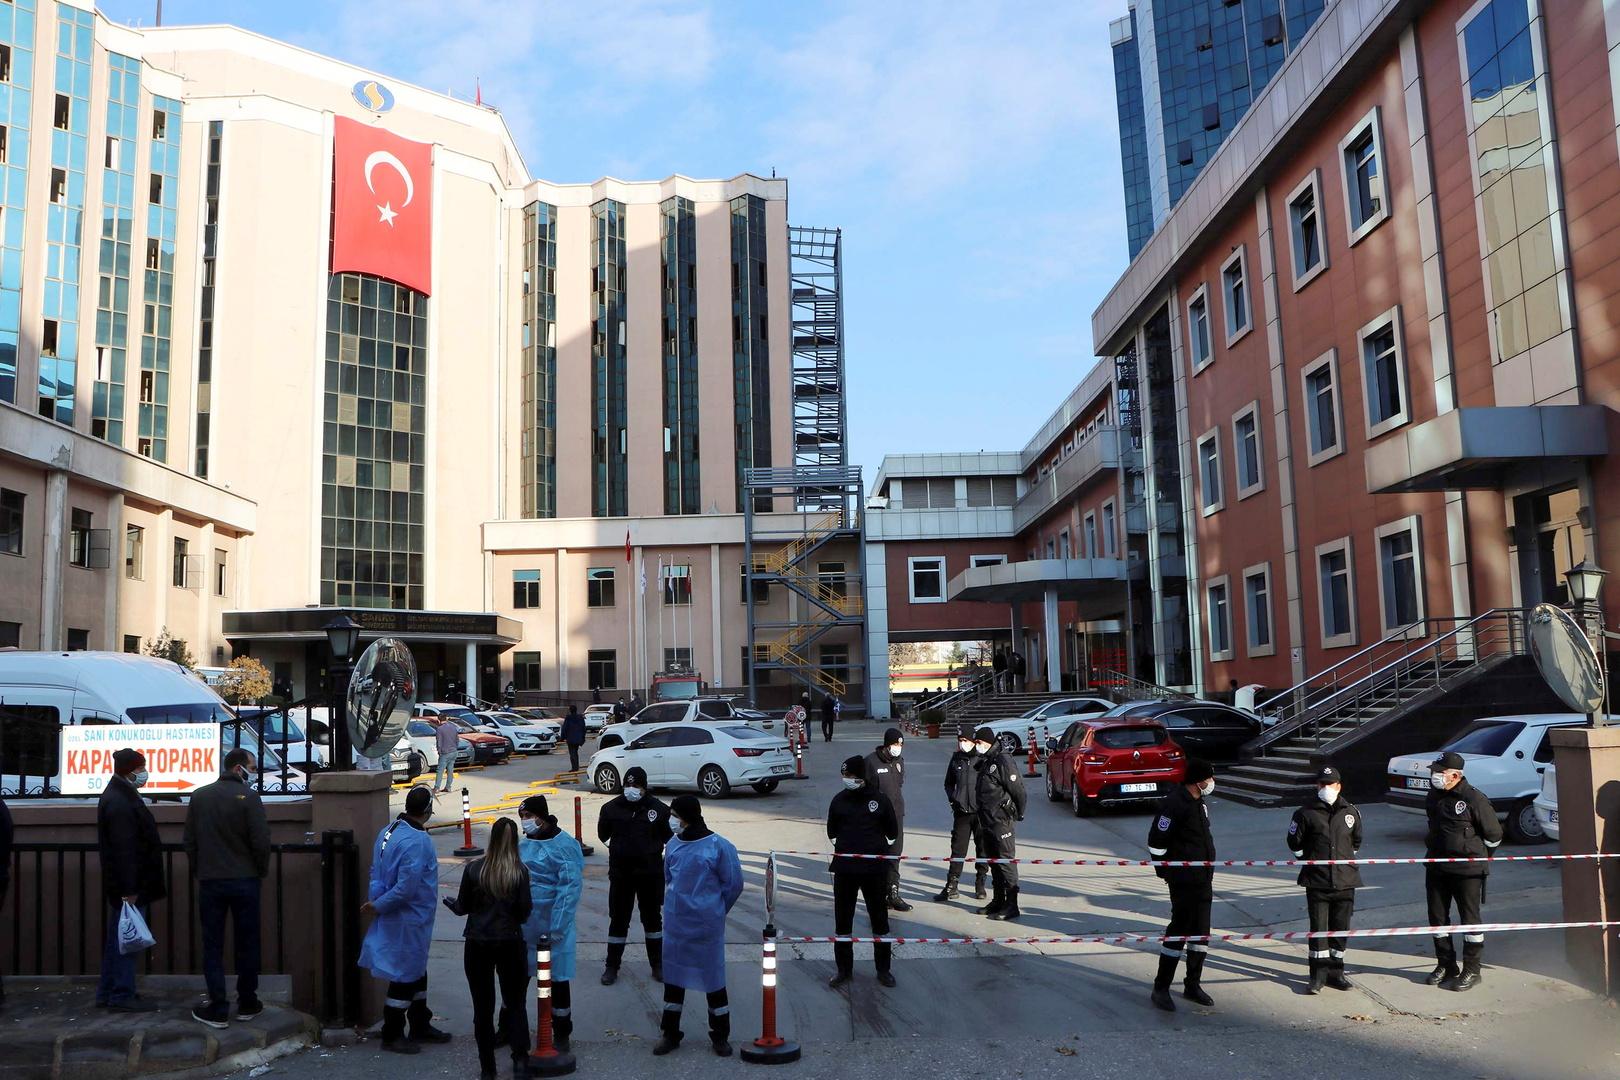 تركيا تسجل 15 إصابة بكورونا الجديد لدى وافدين من بريطانيا